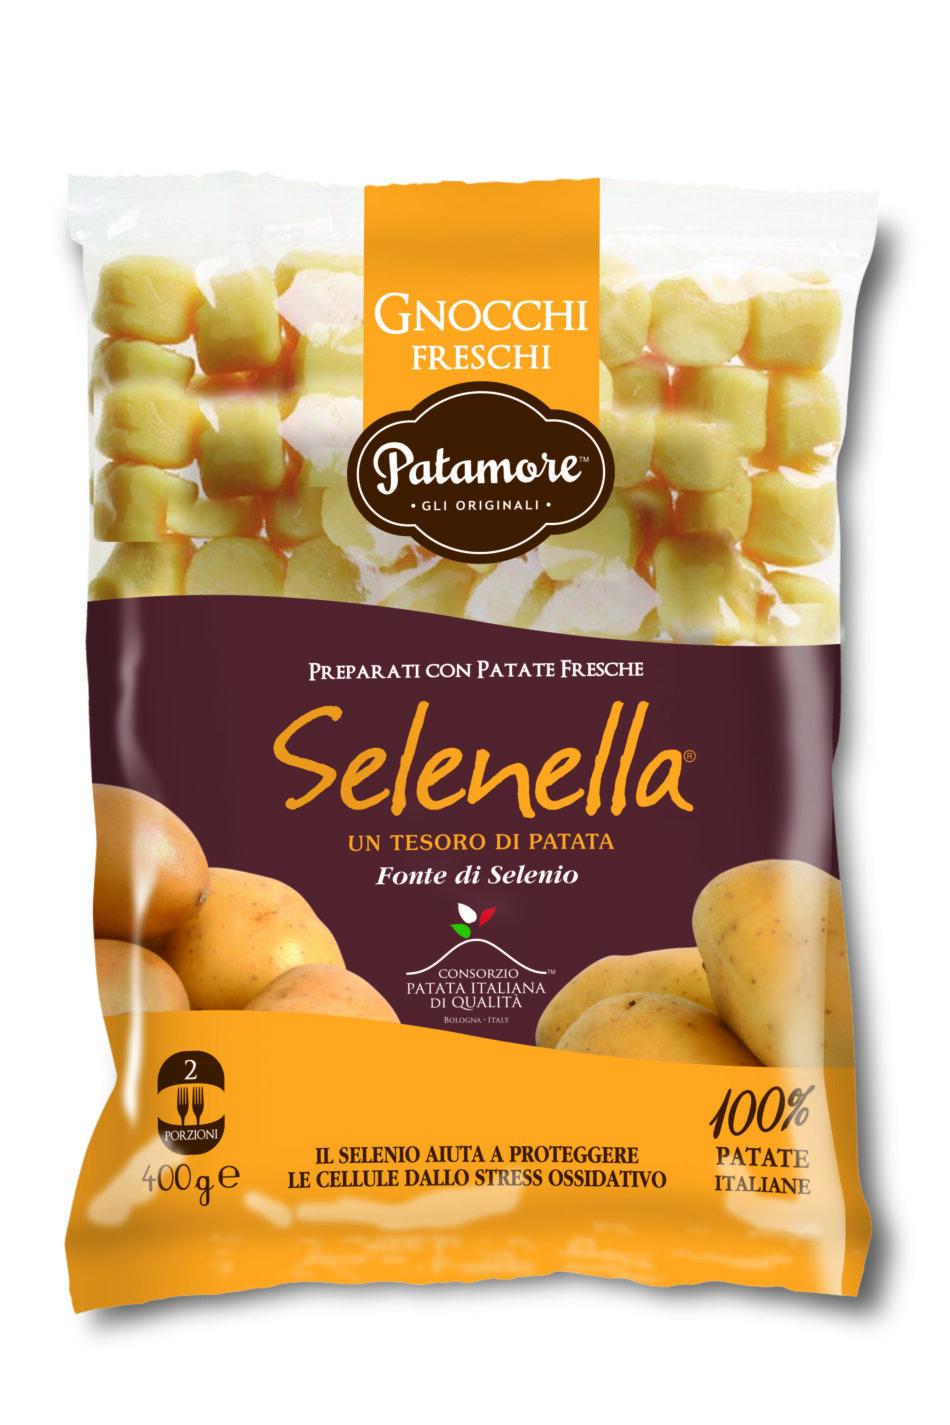 Solo patate negli Gnocchi freschi Selenella, squisiti e genuini!